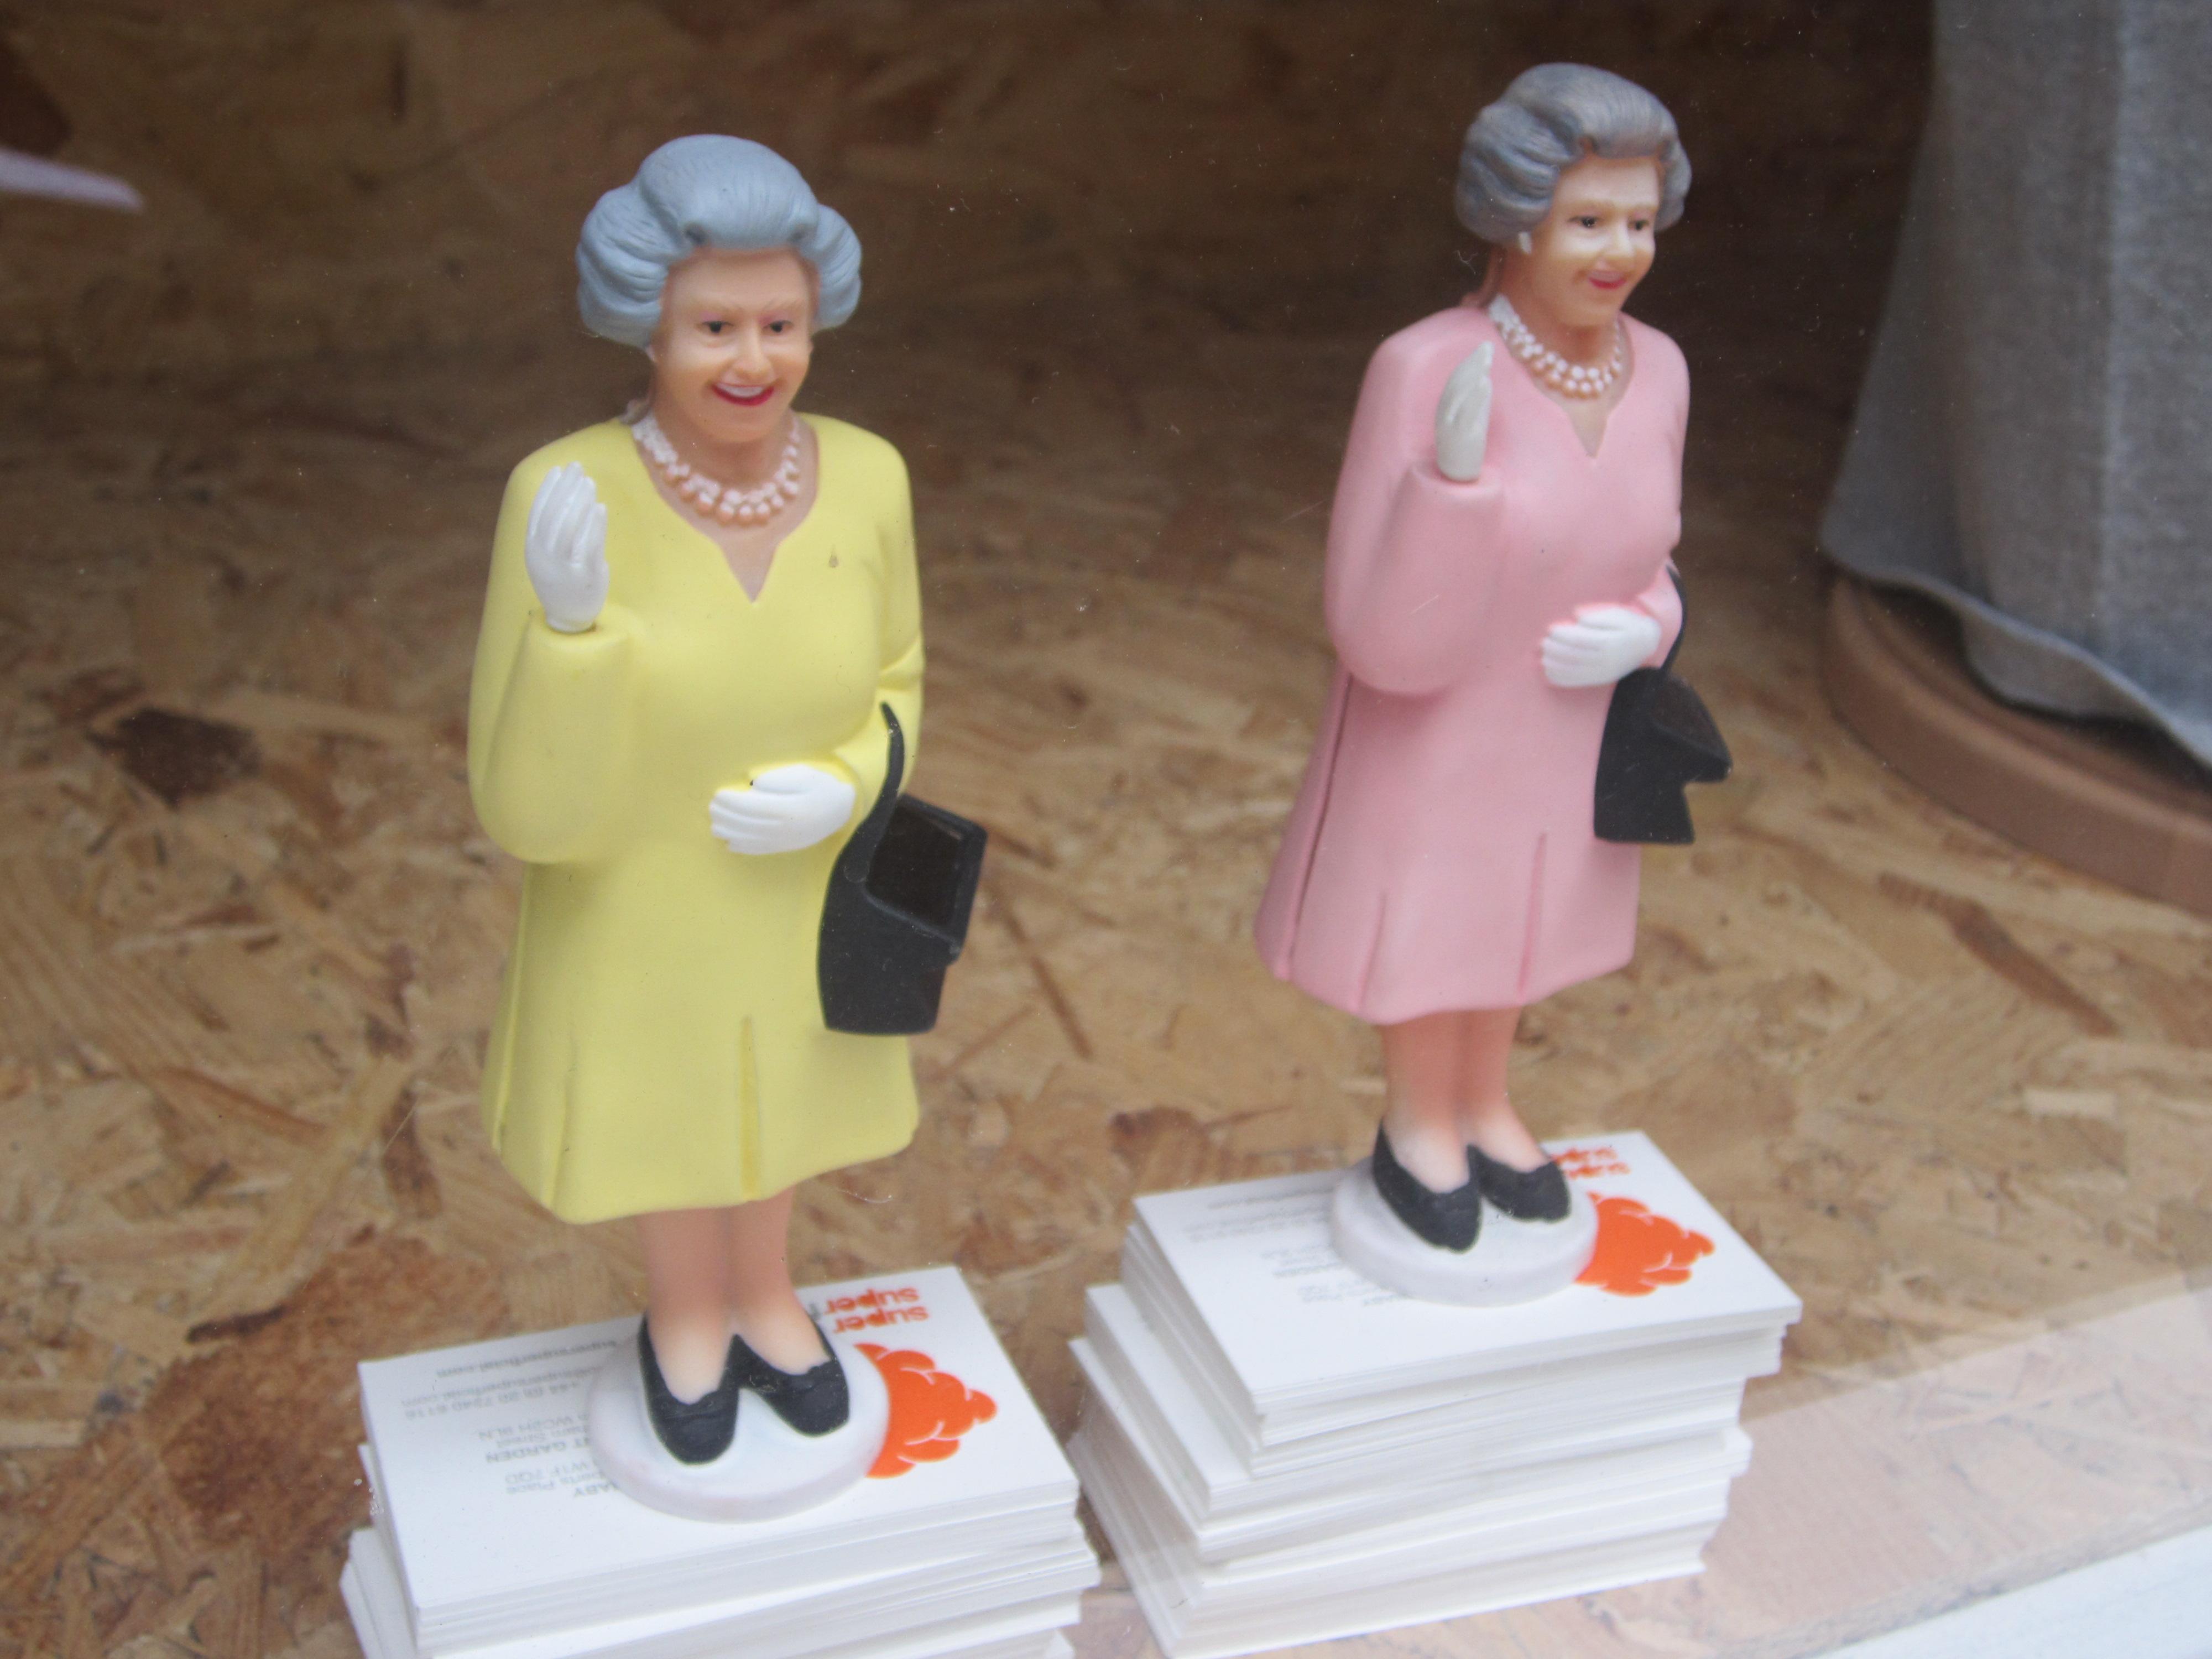 The Queen-dekor. London